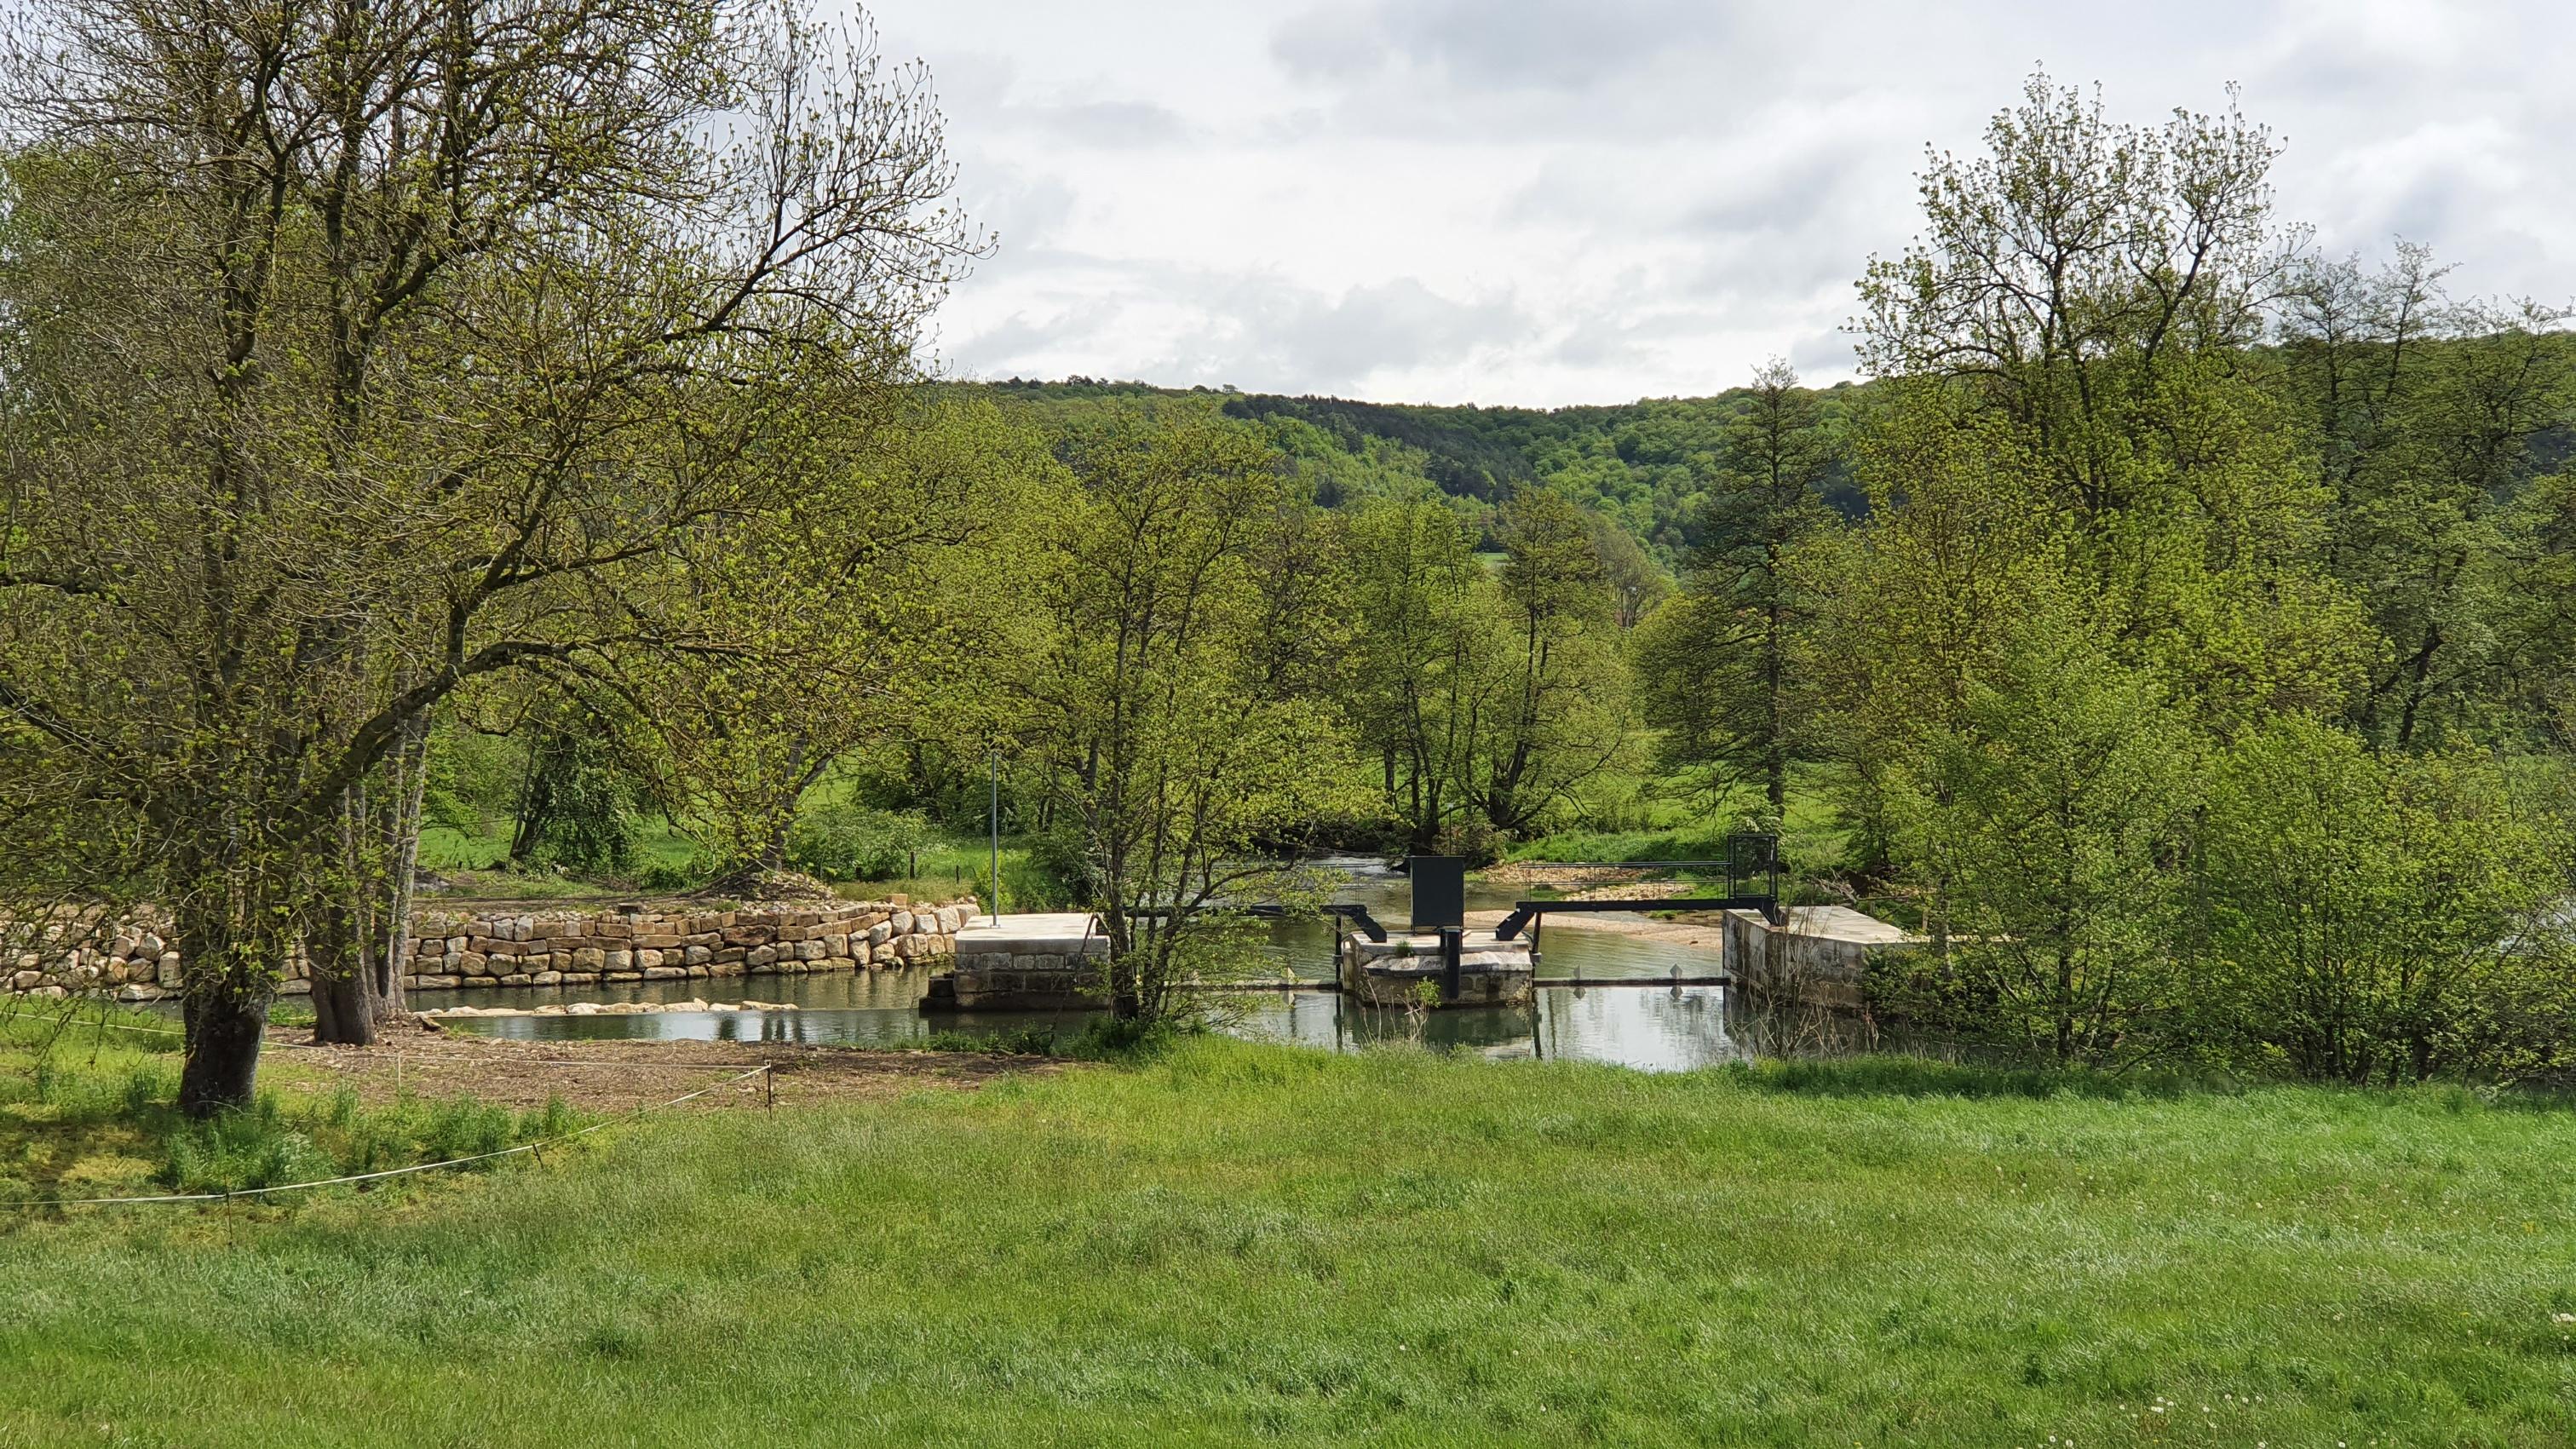 Die Schwelle der Marne bei Vraincourt. Gucken leider nur von Weitem erlaubt. Die dazugehörenden alte Mühle ist in Privatbesitz